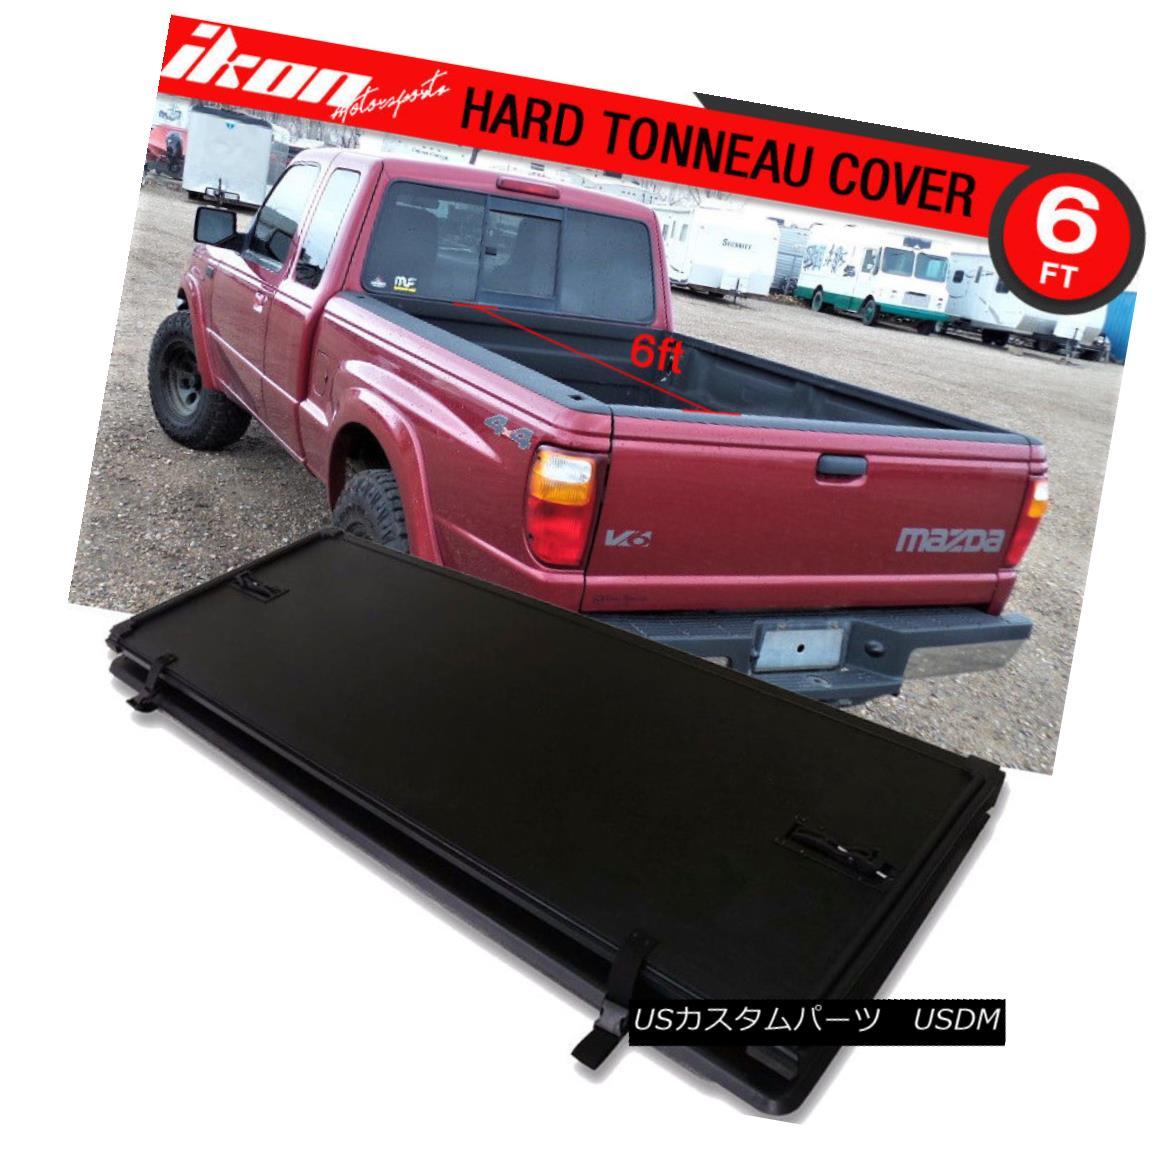 エアロパーツ For 82-13 Ranger 94-11 Mazda 72 Inch Bed Tri-Fold Hard Solid Tonneau Cover 82-13レンジャーの場合94-11マツダ72インチベッドトライフォールドハードソリッドトノーカバー